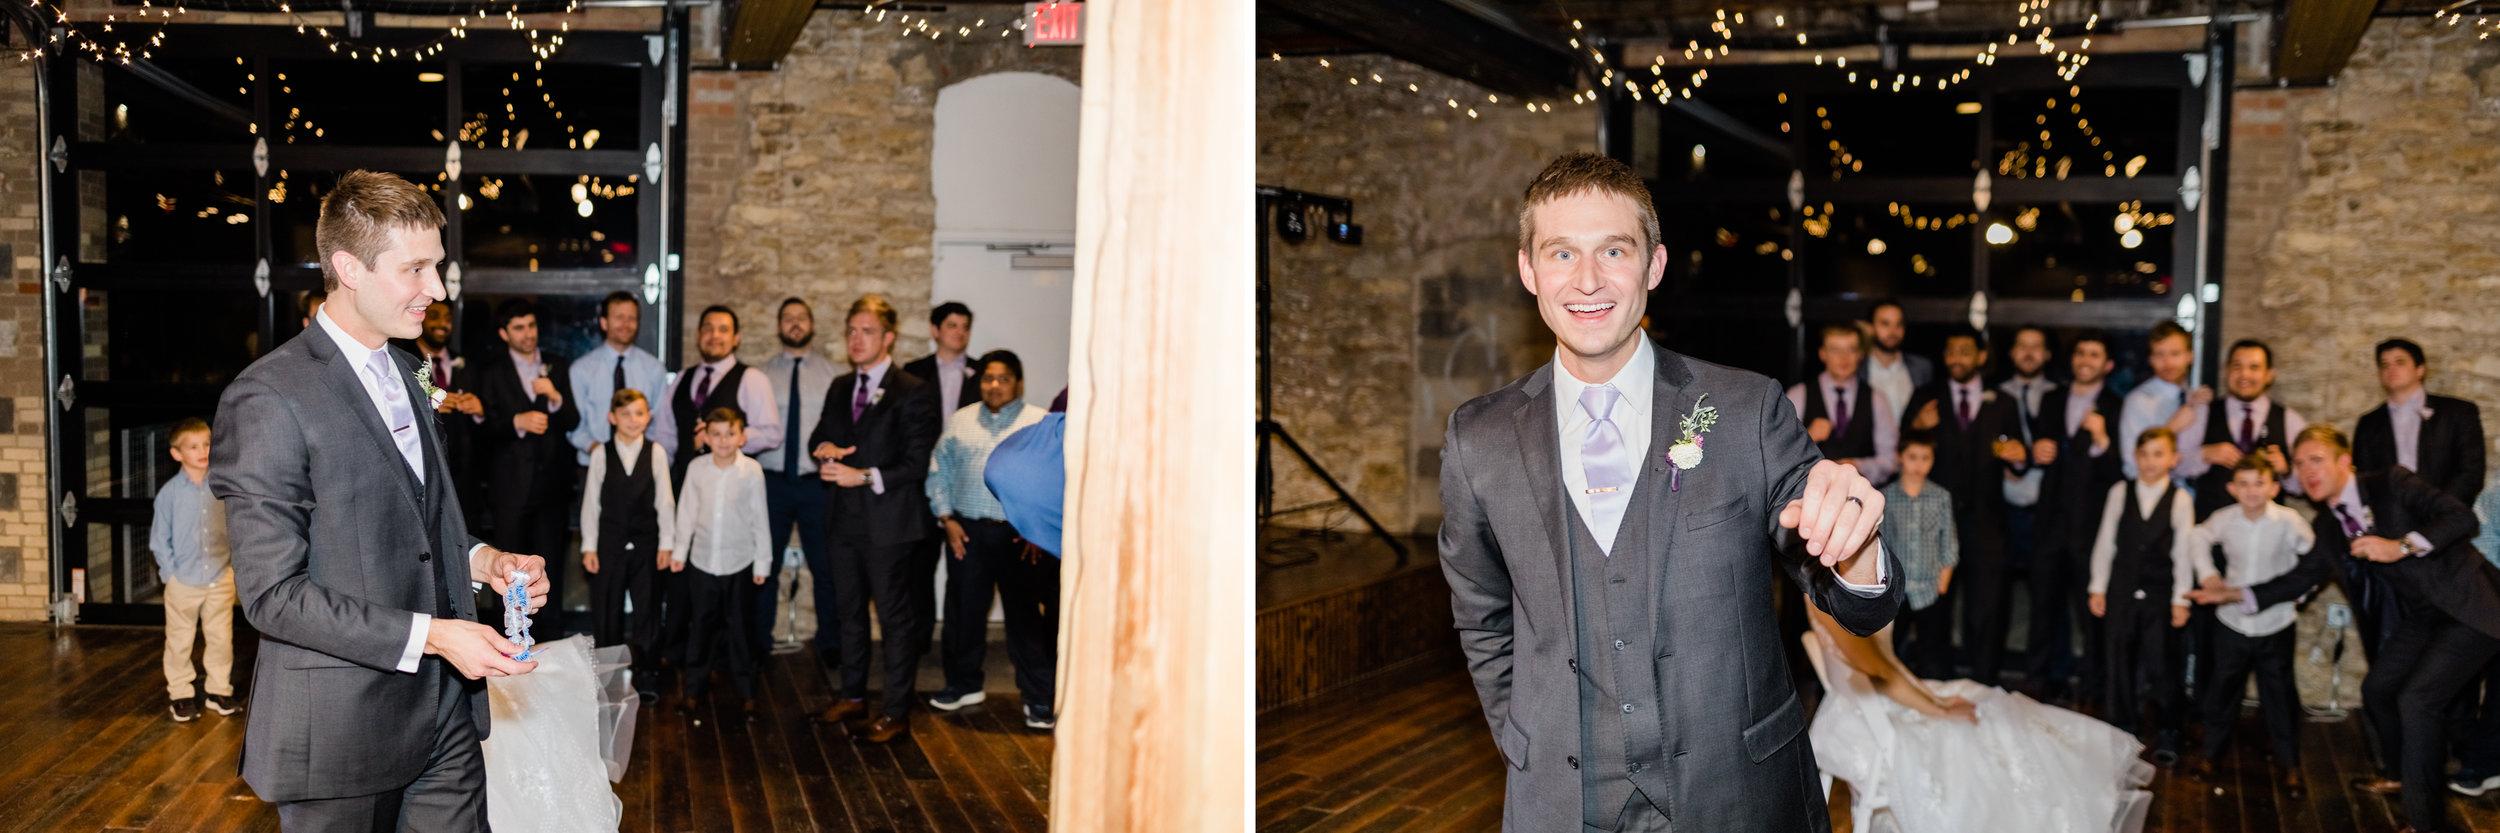 Kansas City wedding photographer garter toss.jpg